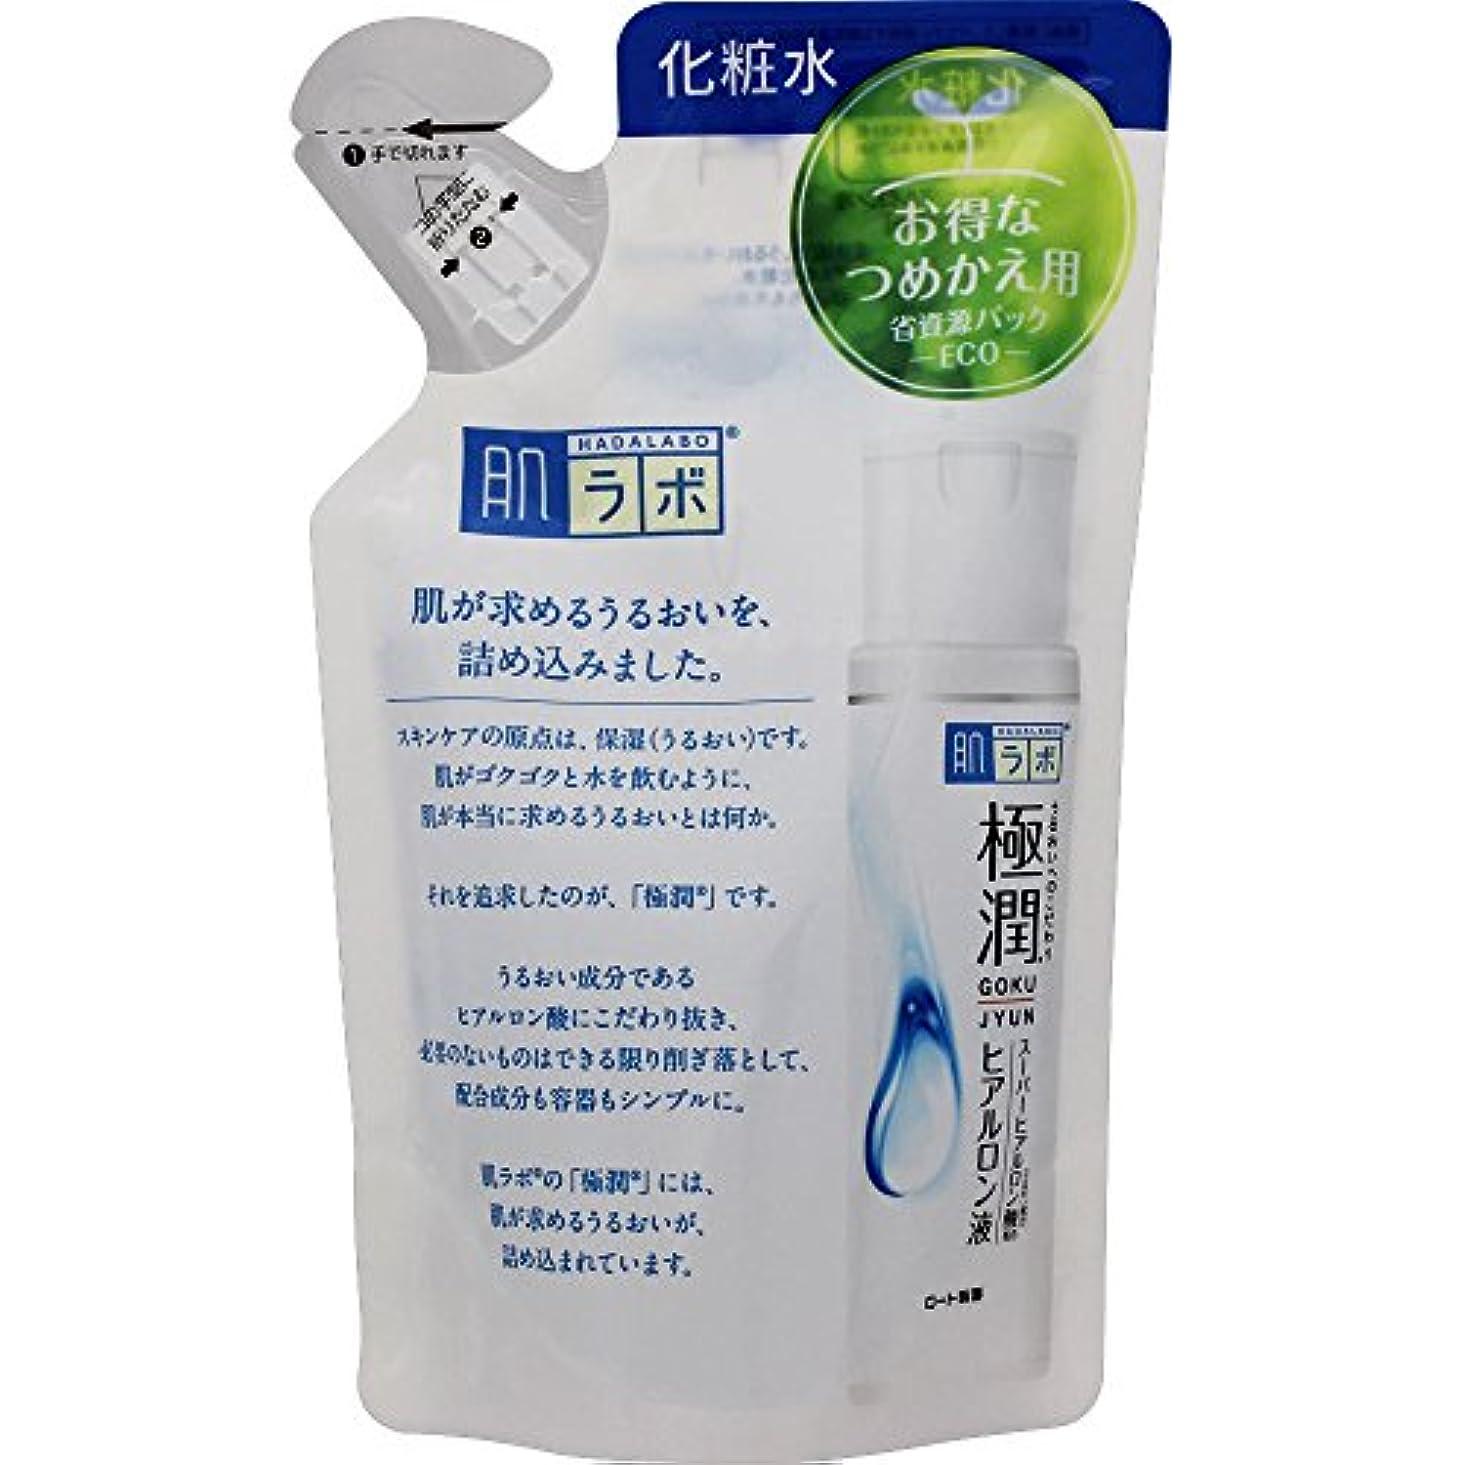 深める寸法商品肌ラボ 極潤 ヒアルロン酸 化粧水 ヒアルロン酸3種配合 詰替用 170ml